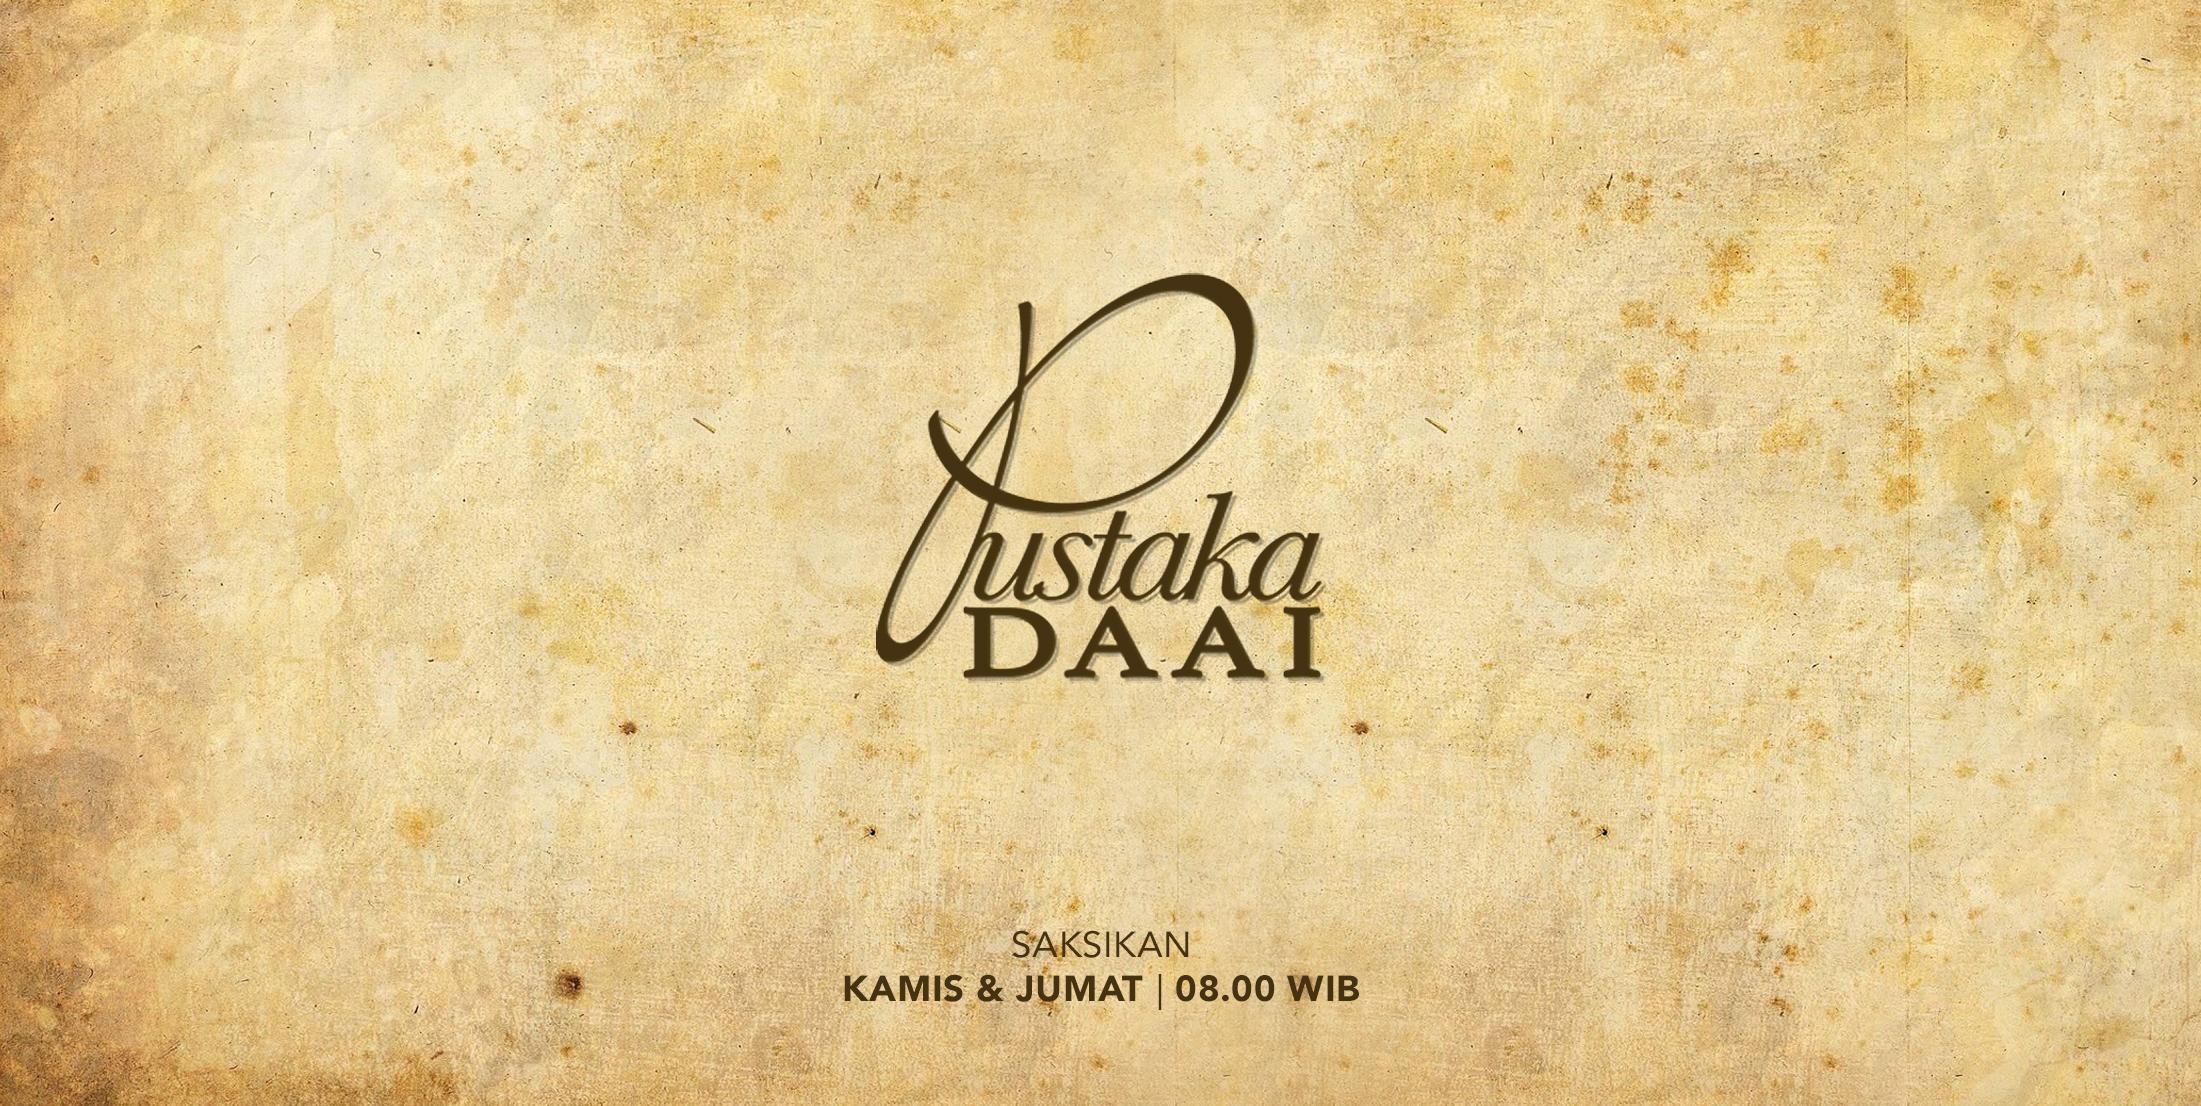 web banner Pustaka daai-2